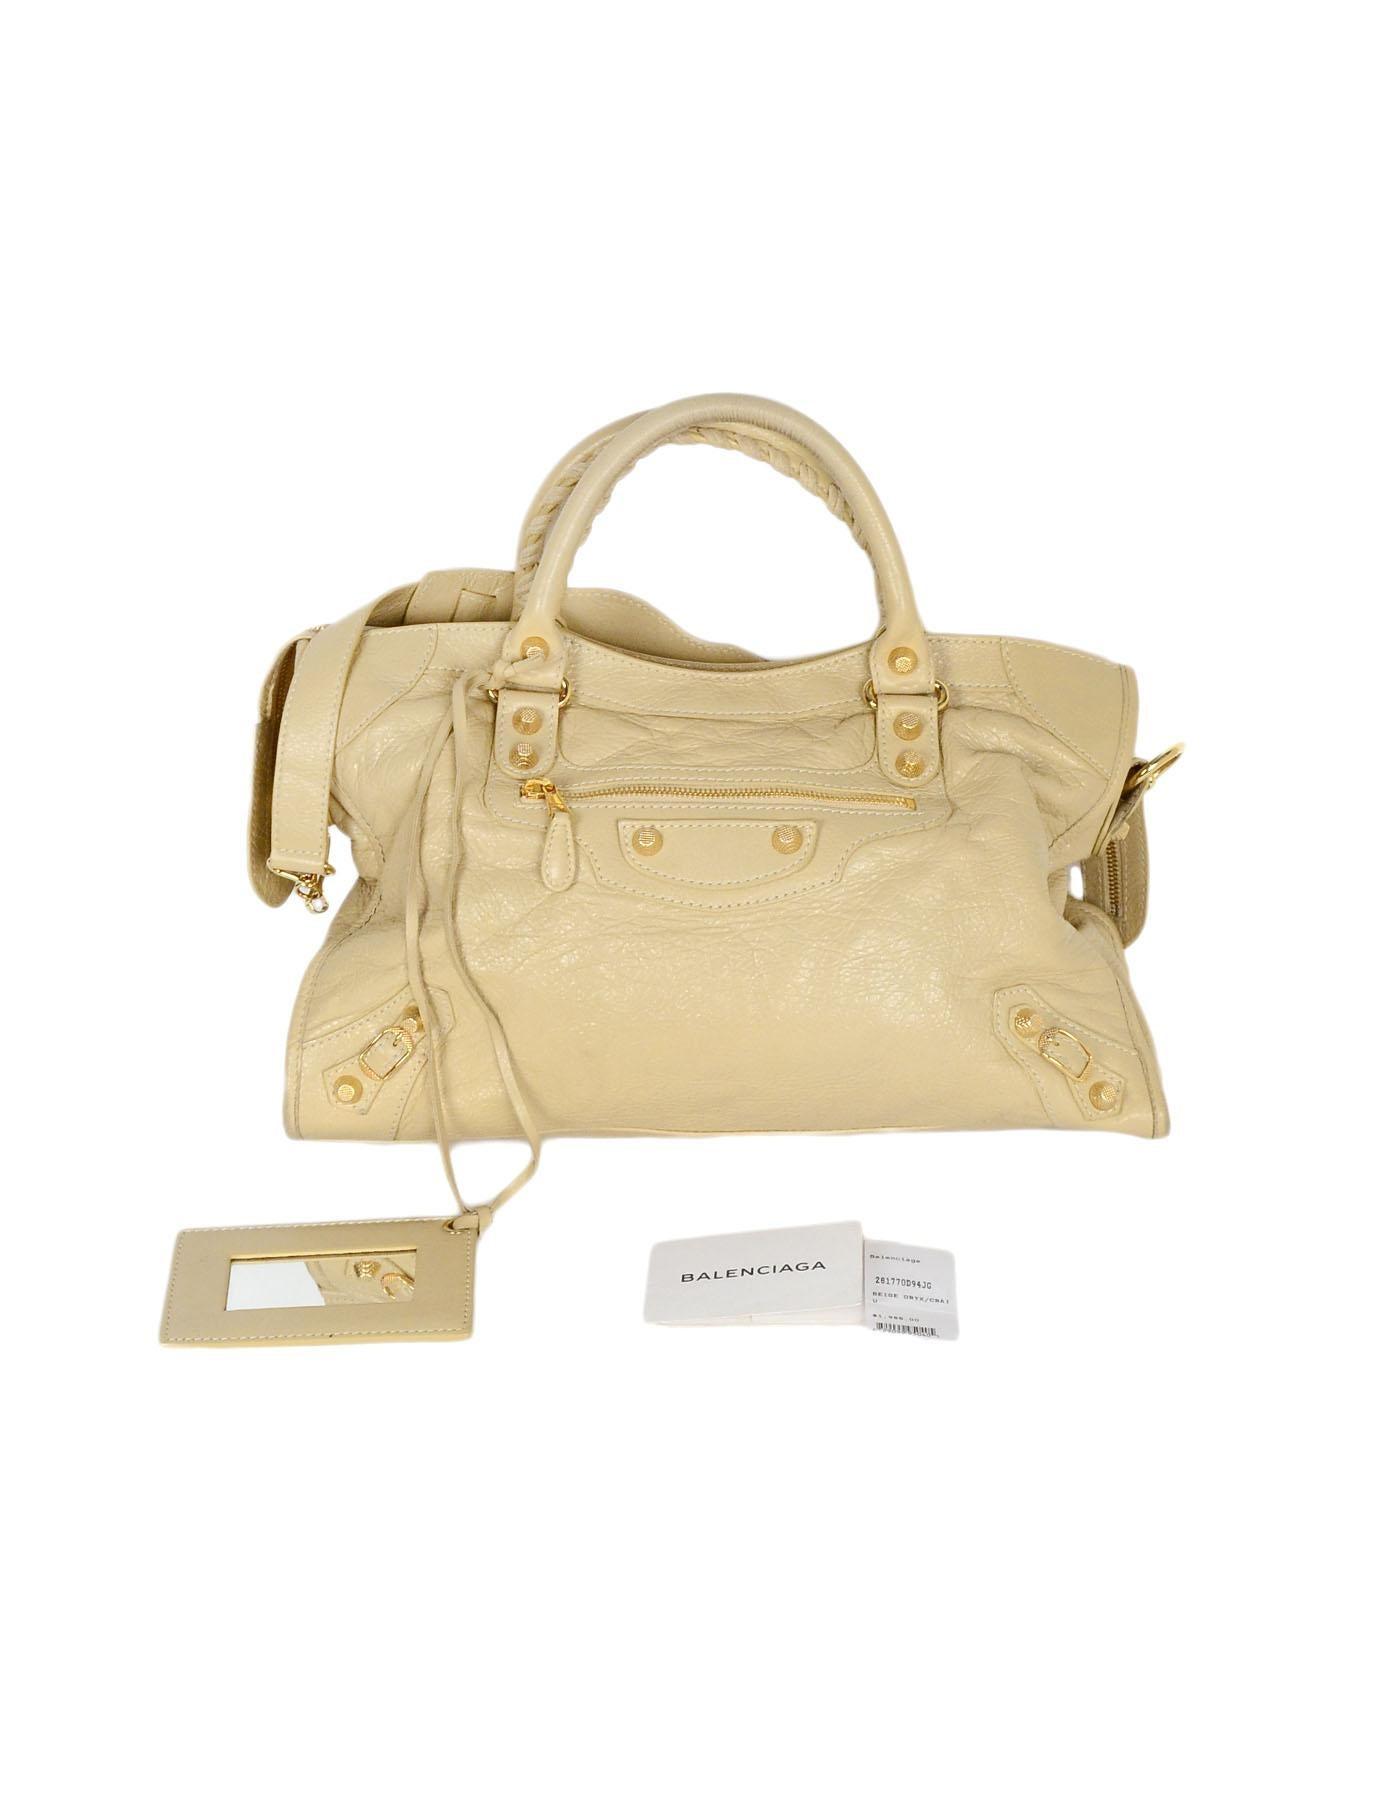 photos officielles d7792 a1840 Balenciaga Beige Agneu Leather Giant 12 Gold City Bag